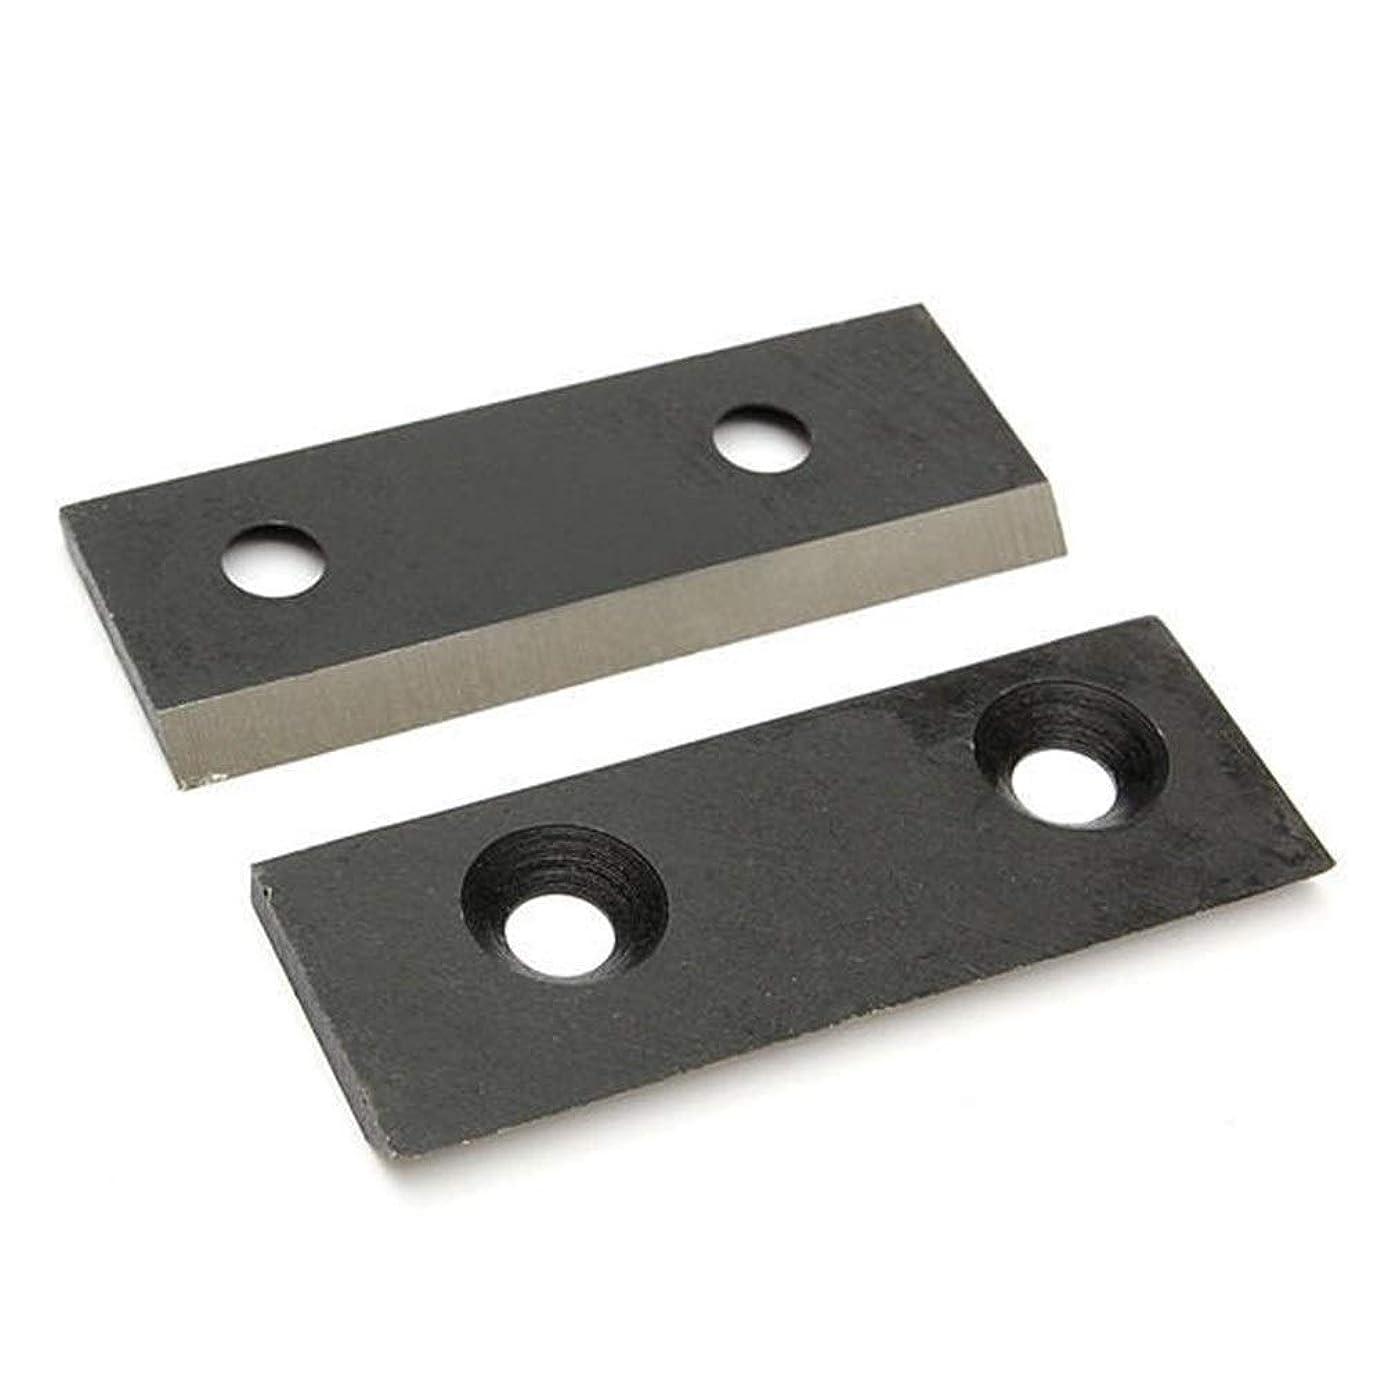 なんでも散逸アンテナSSY-YU ダイヤモンドソーブレード 切断工具 研磨材、スチールシュレッダーチッパーブレードセットフィット感のためのMTD 2PCS 円形鋸刃